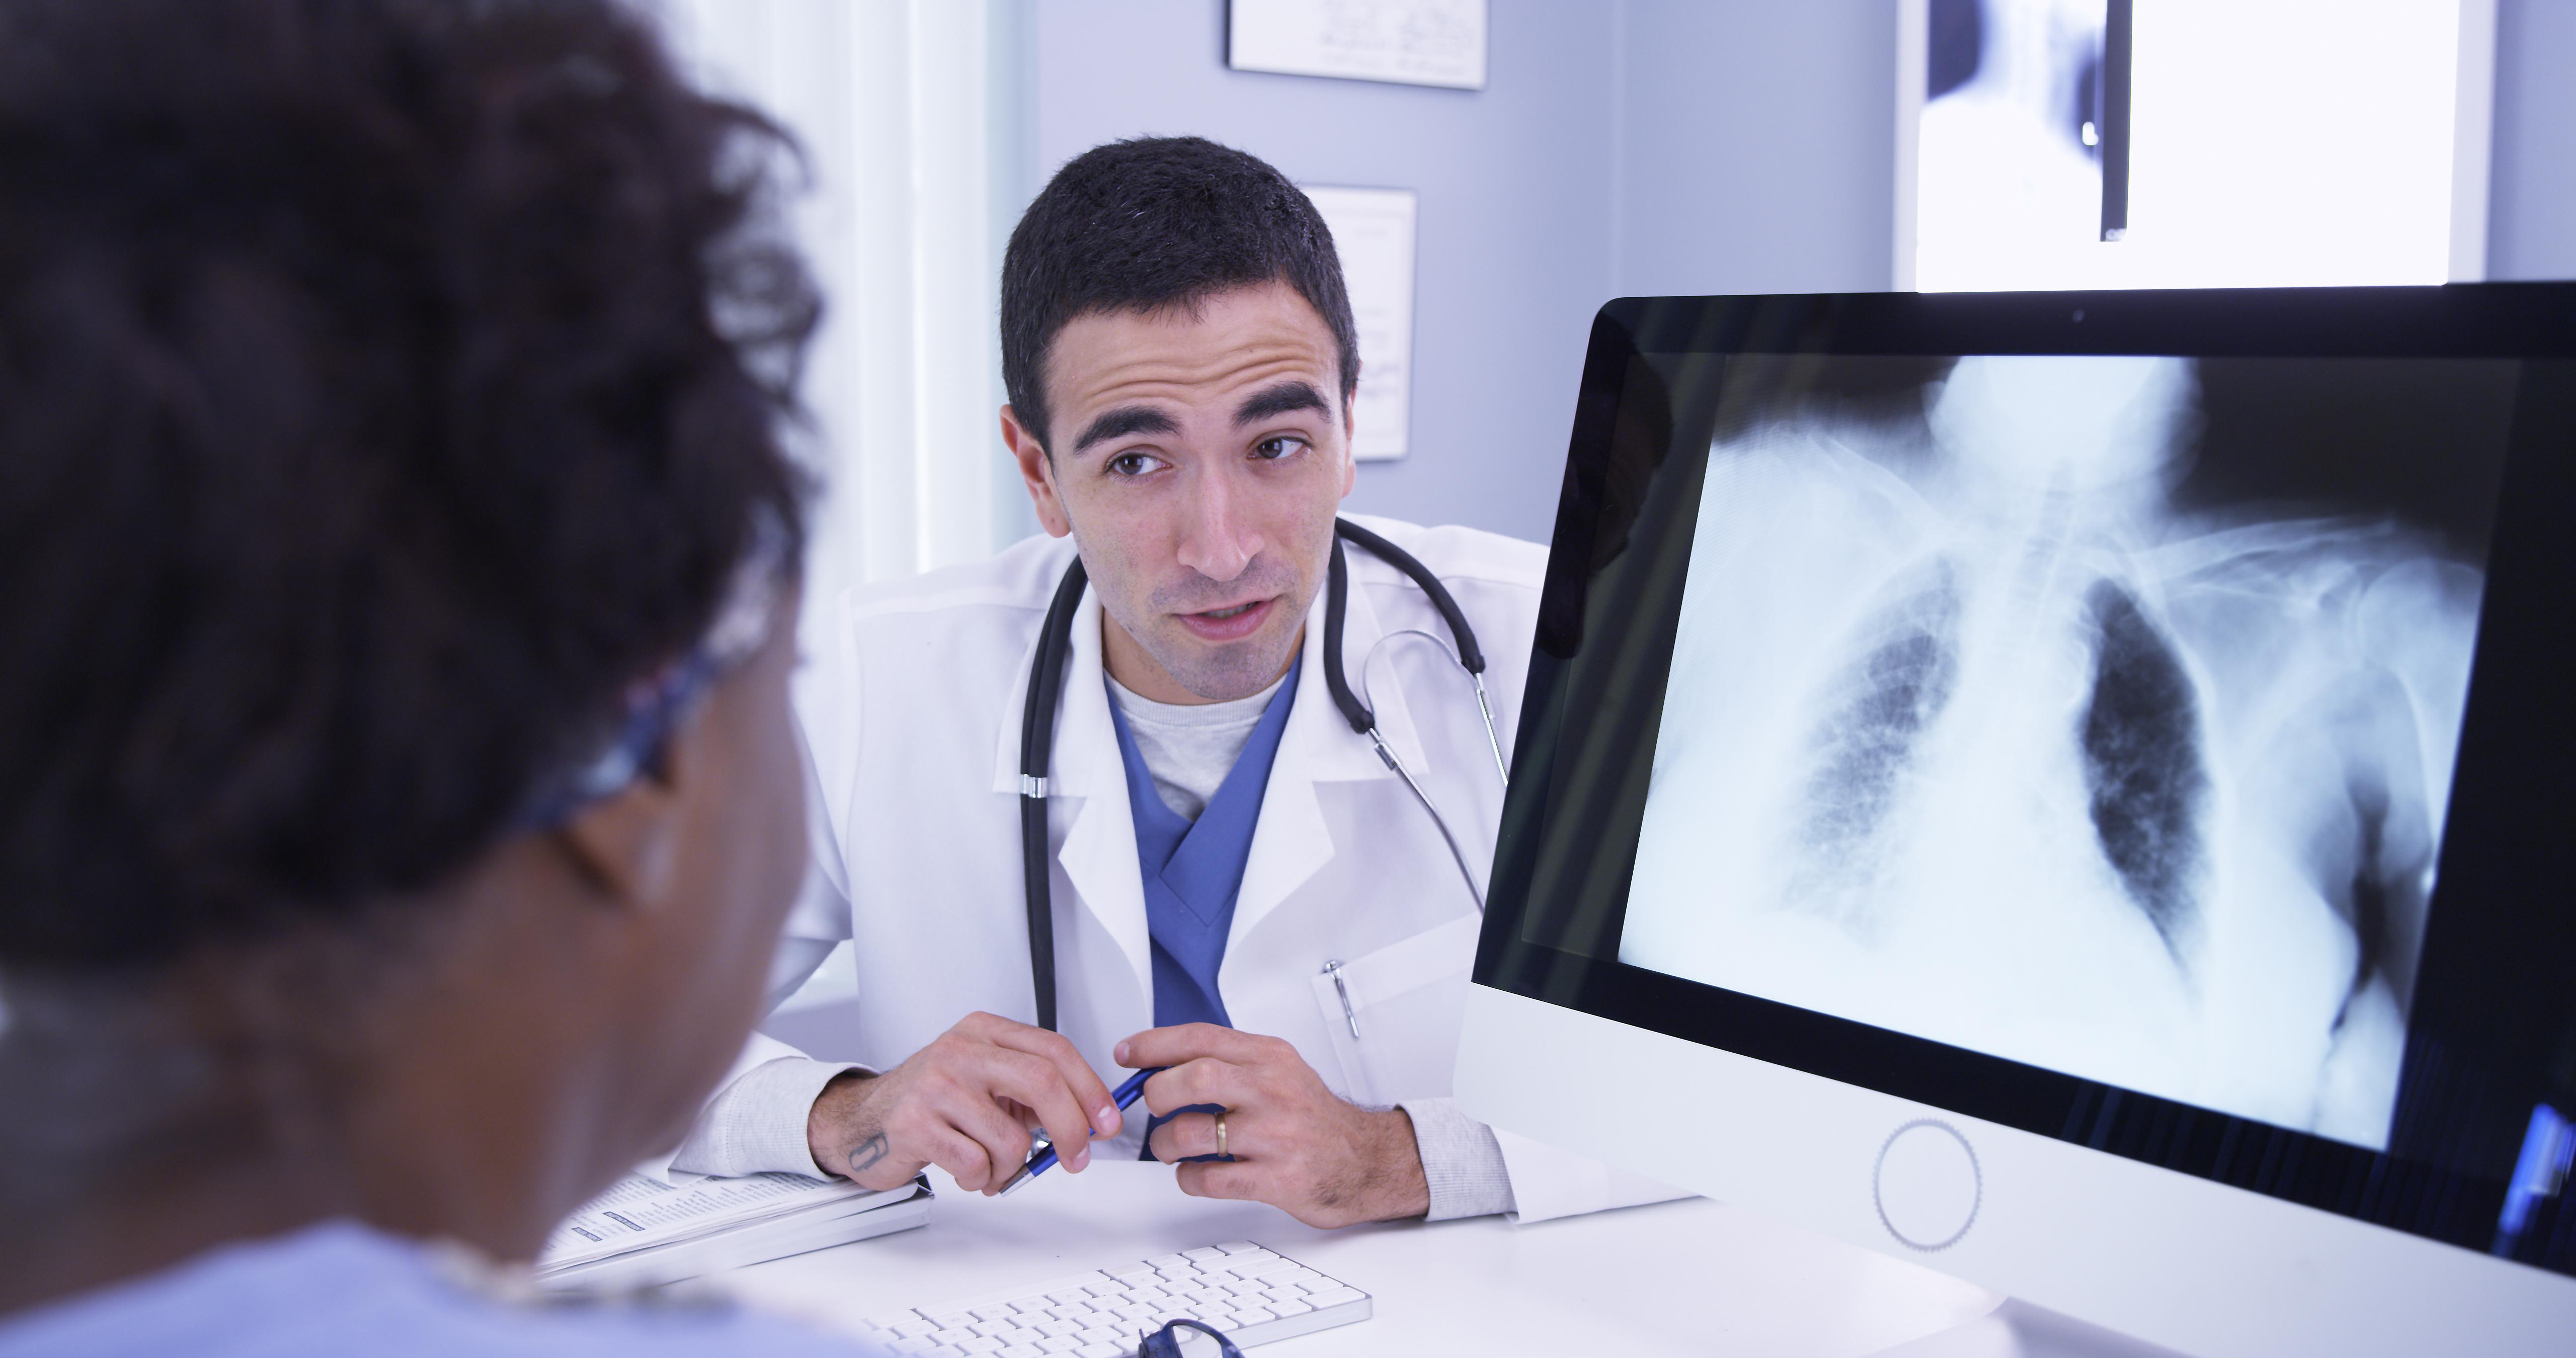 Den förbättrade diagnosmetoden som man nu har tagit fram har både praktiska och ekonomiska fördelar jämfört med spirometri.